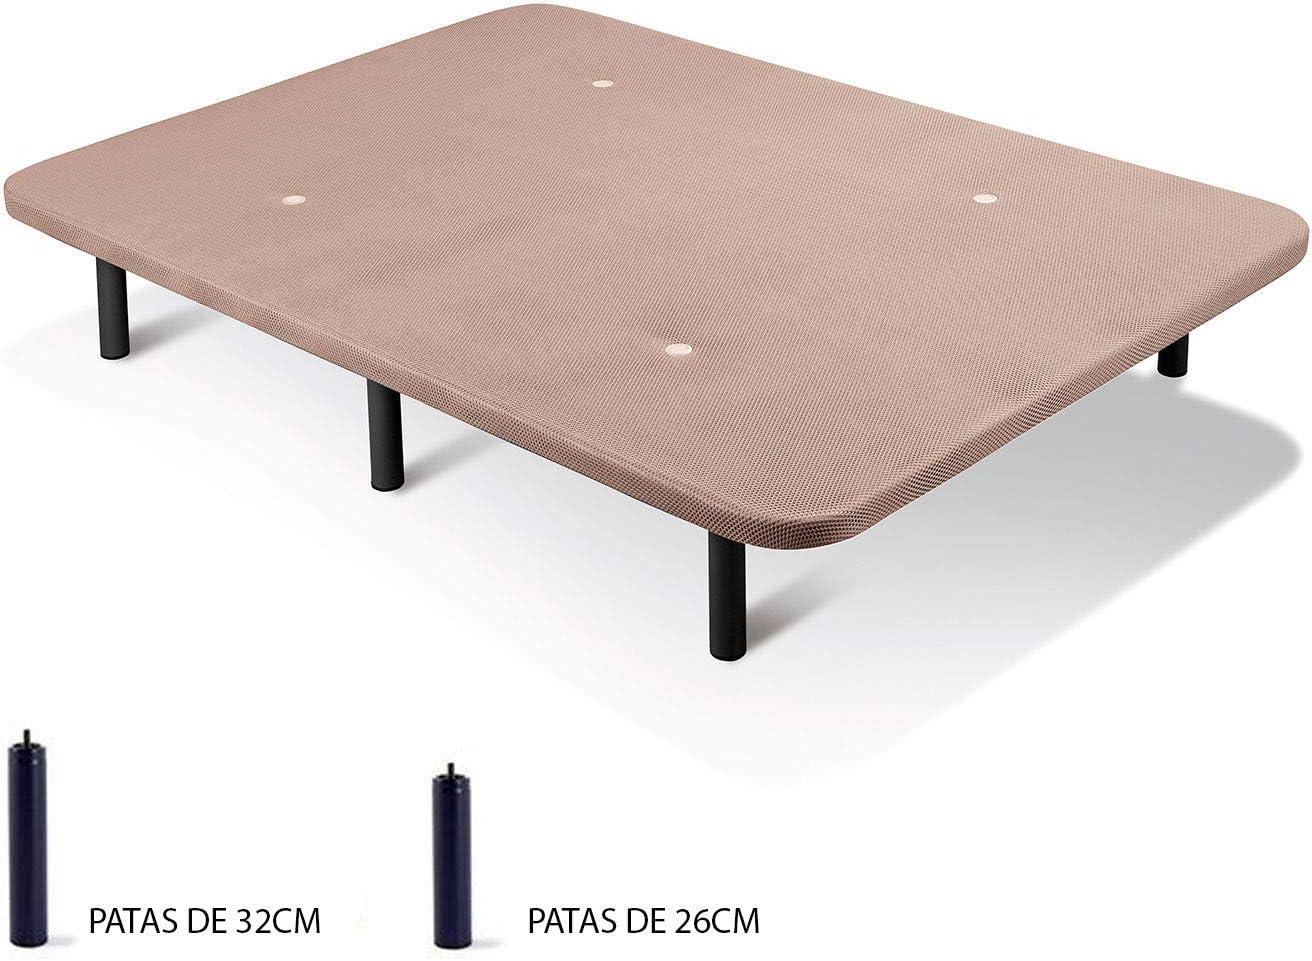 Base Tapizada con Tejido 3D y Valvulas de Transpiraci/ón con Patas 105x190   Patas 26cm Imperial Relax